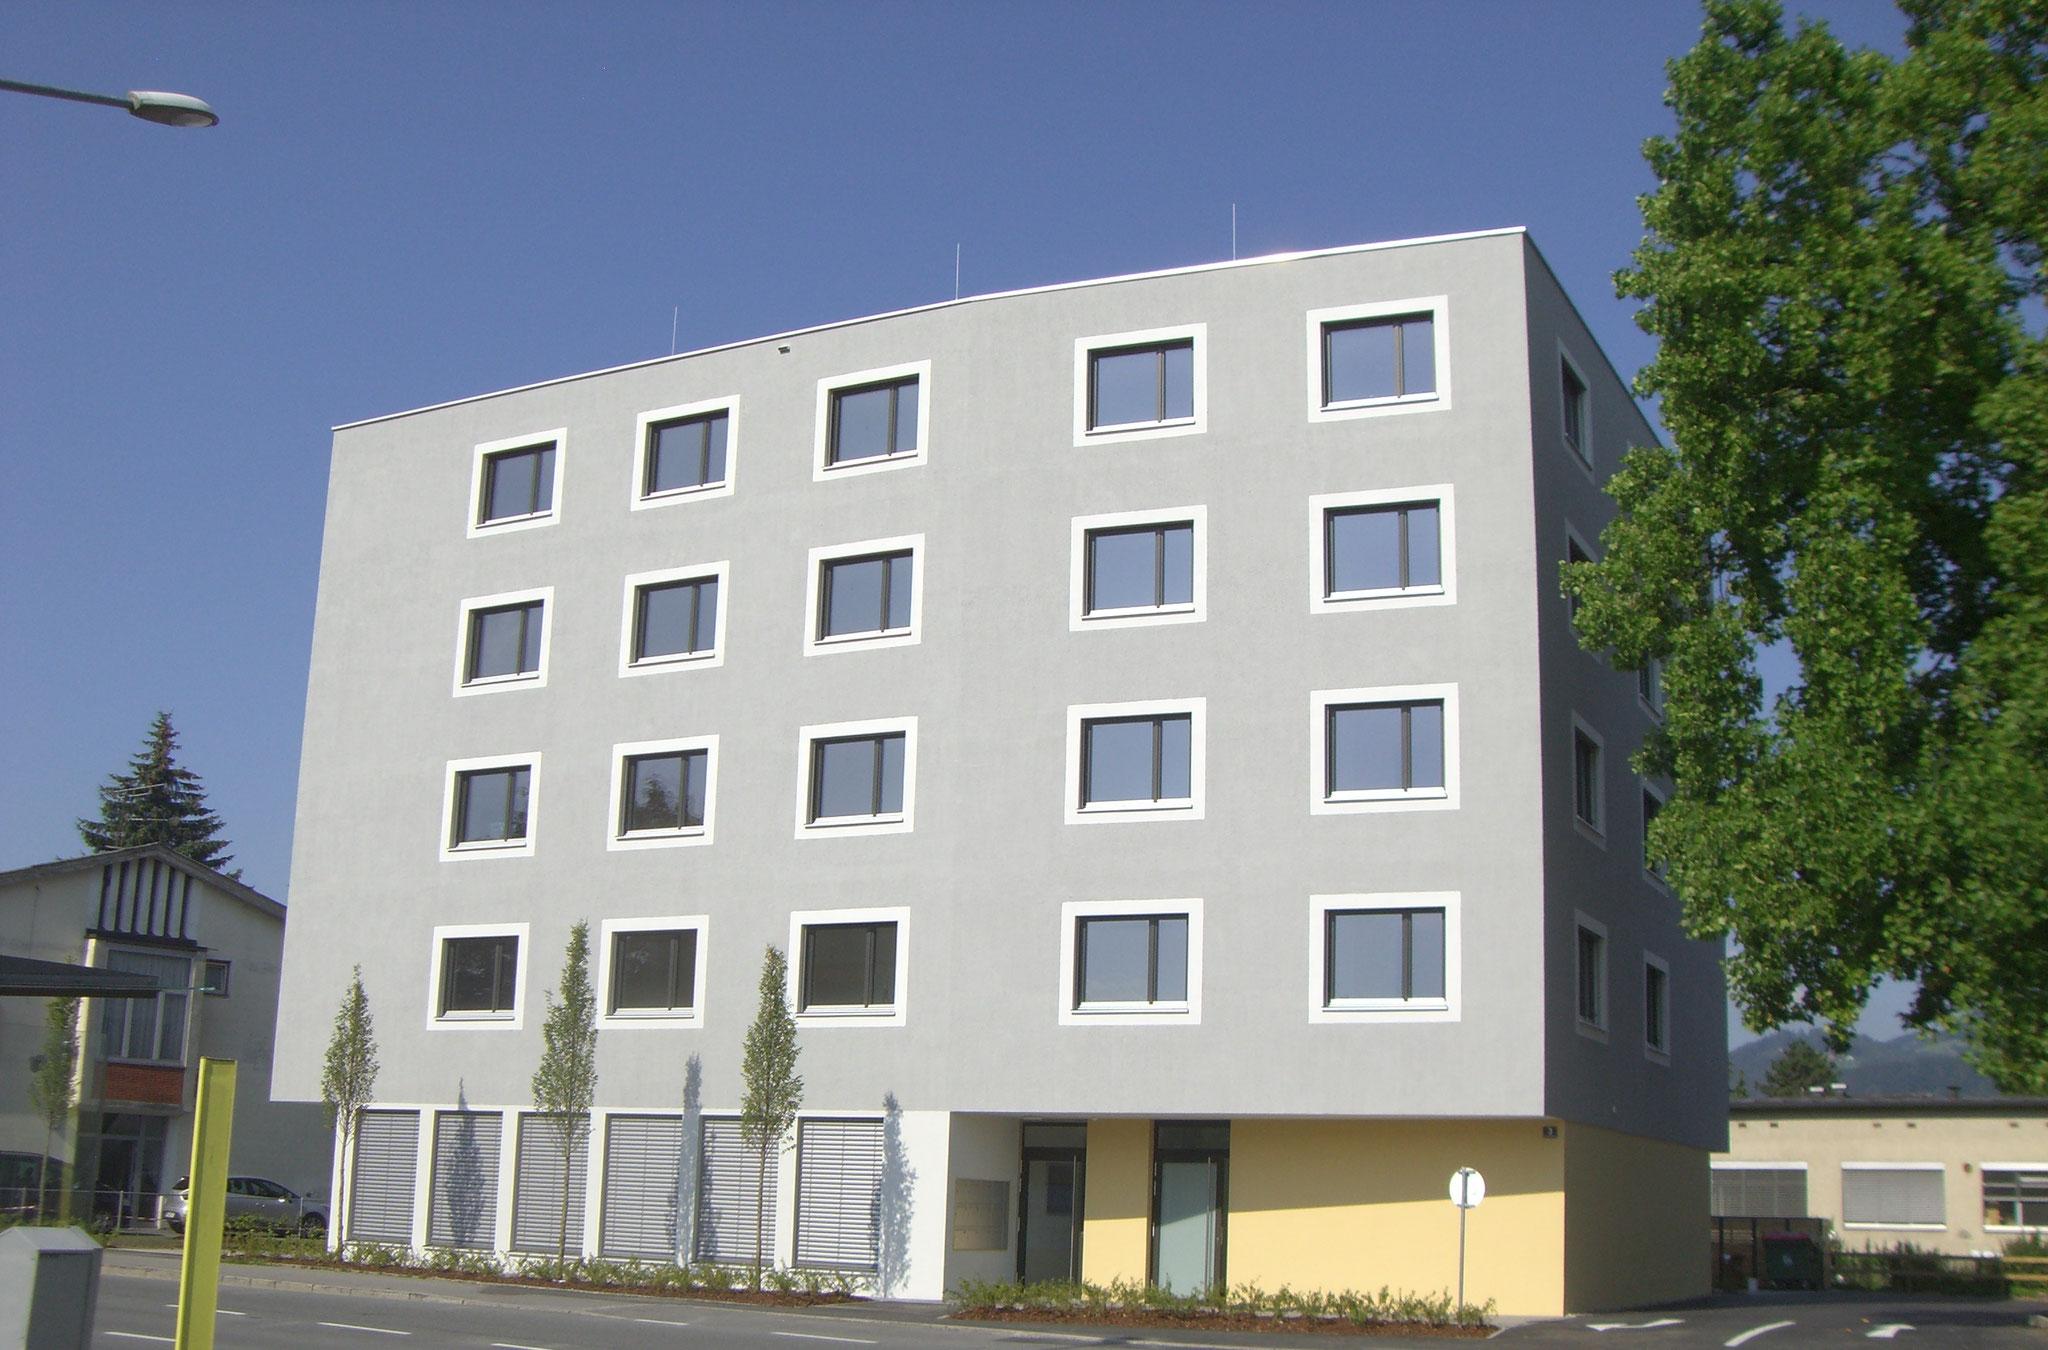 V164 Lustenau, Bauherr: Alpenländische Heimstätte Gemeinnützige Wohnungsbau- und  Siedlungsgesellschaft m.b.H.